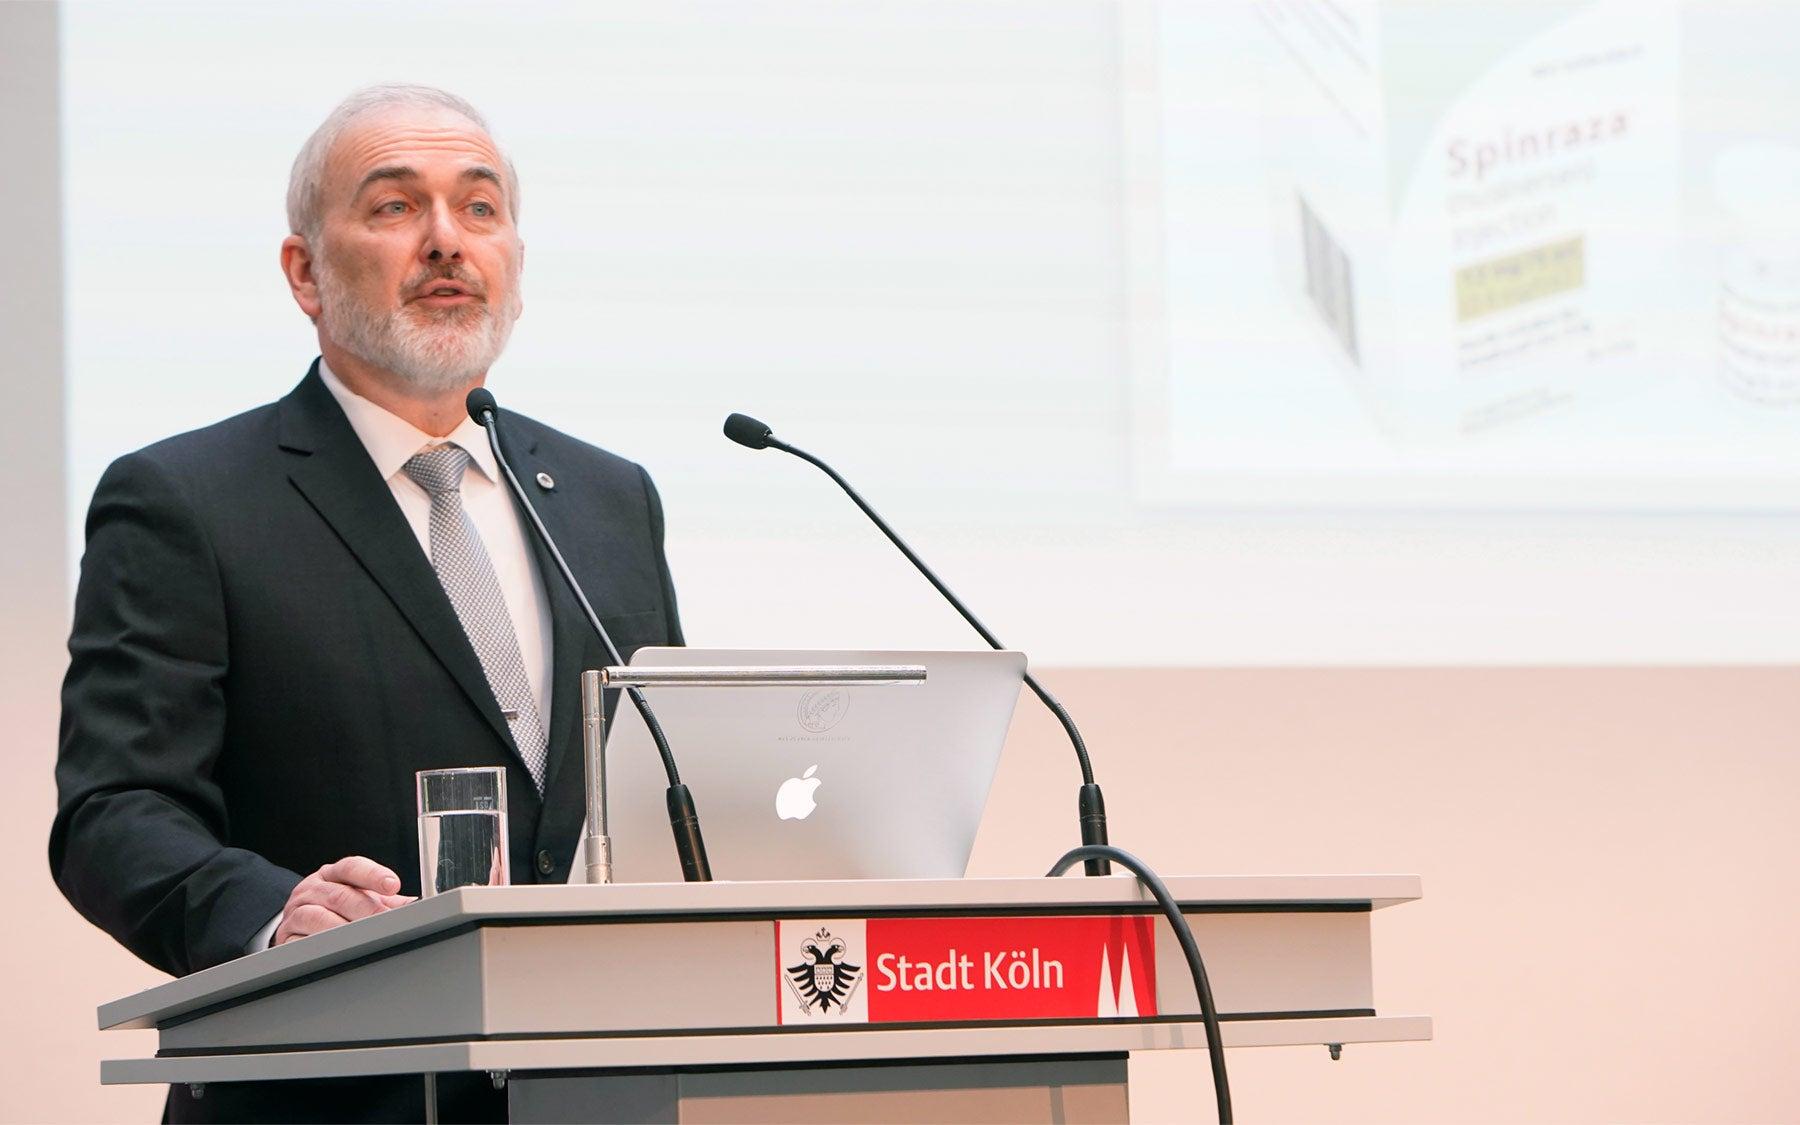 image of Zülch award winner Adrian Krainer